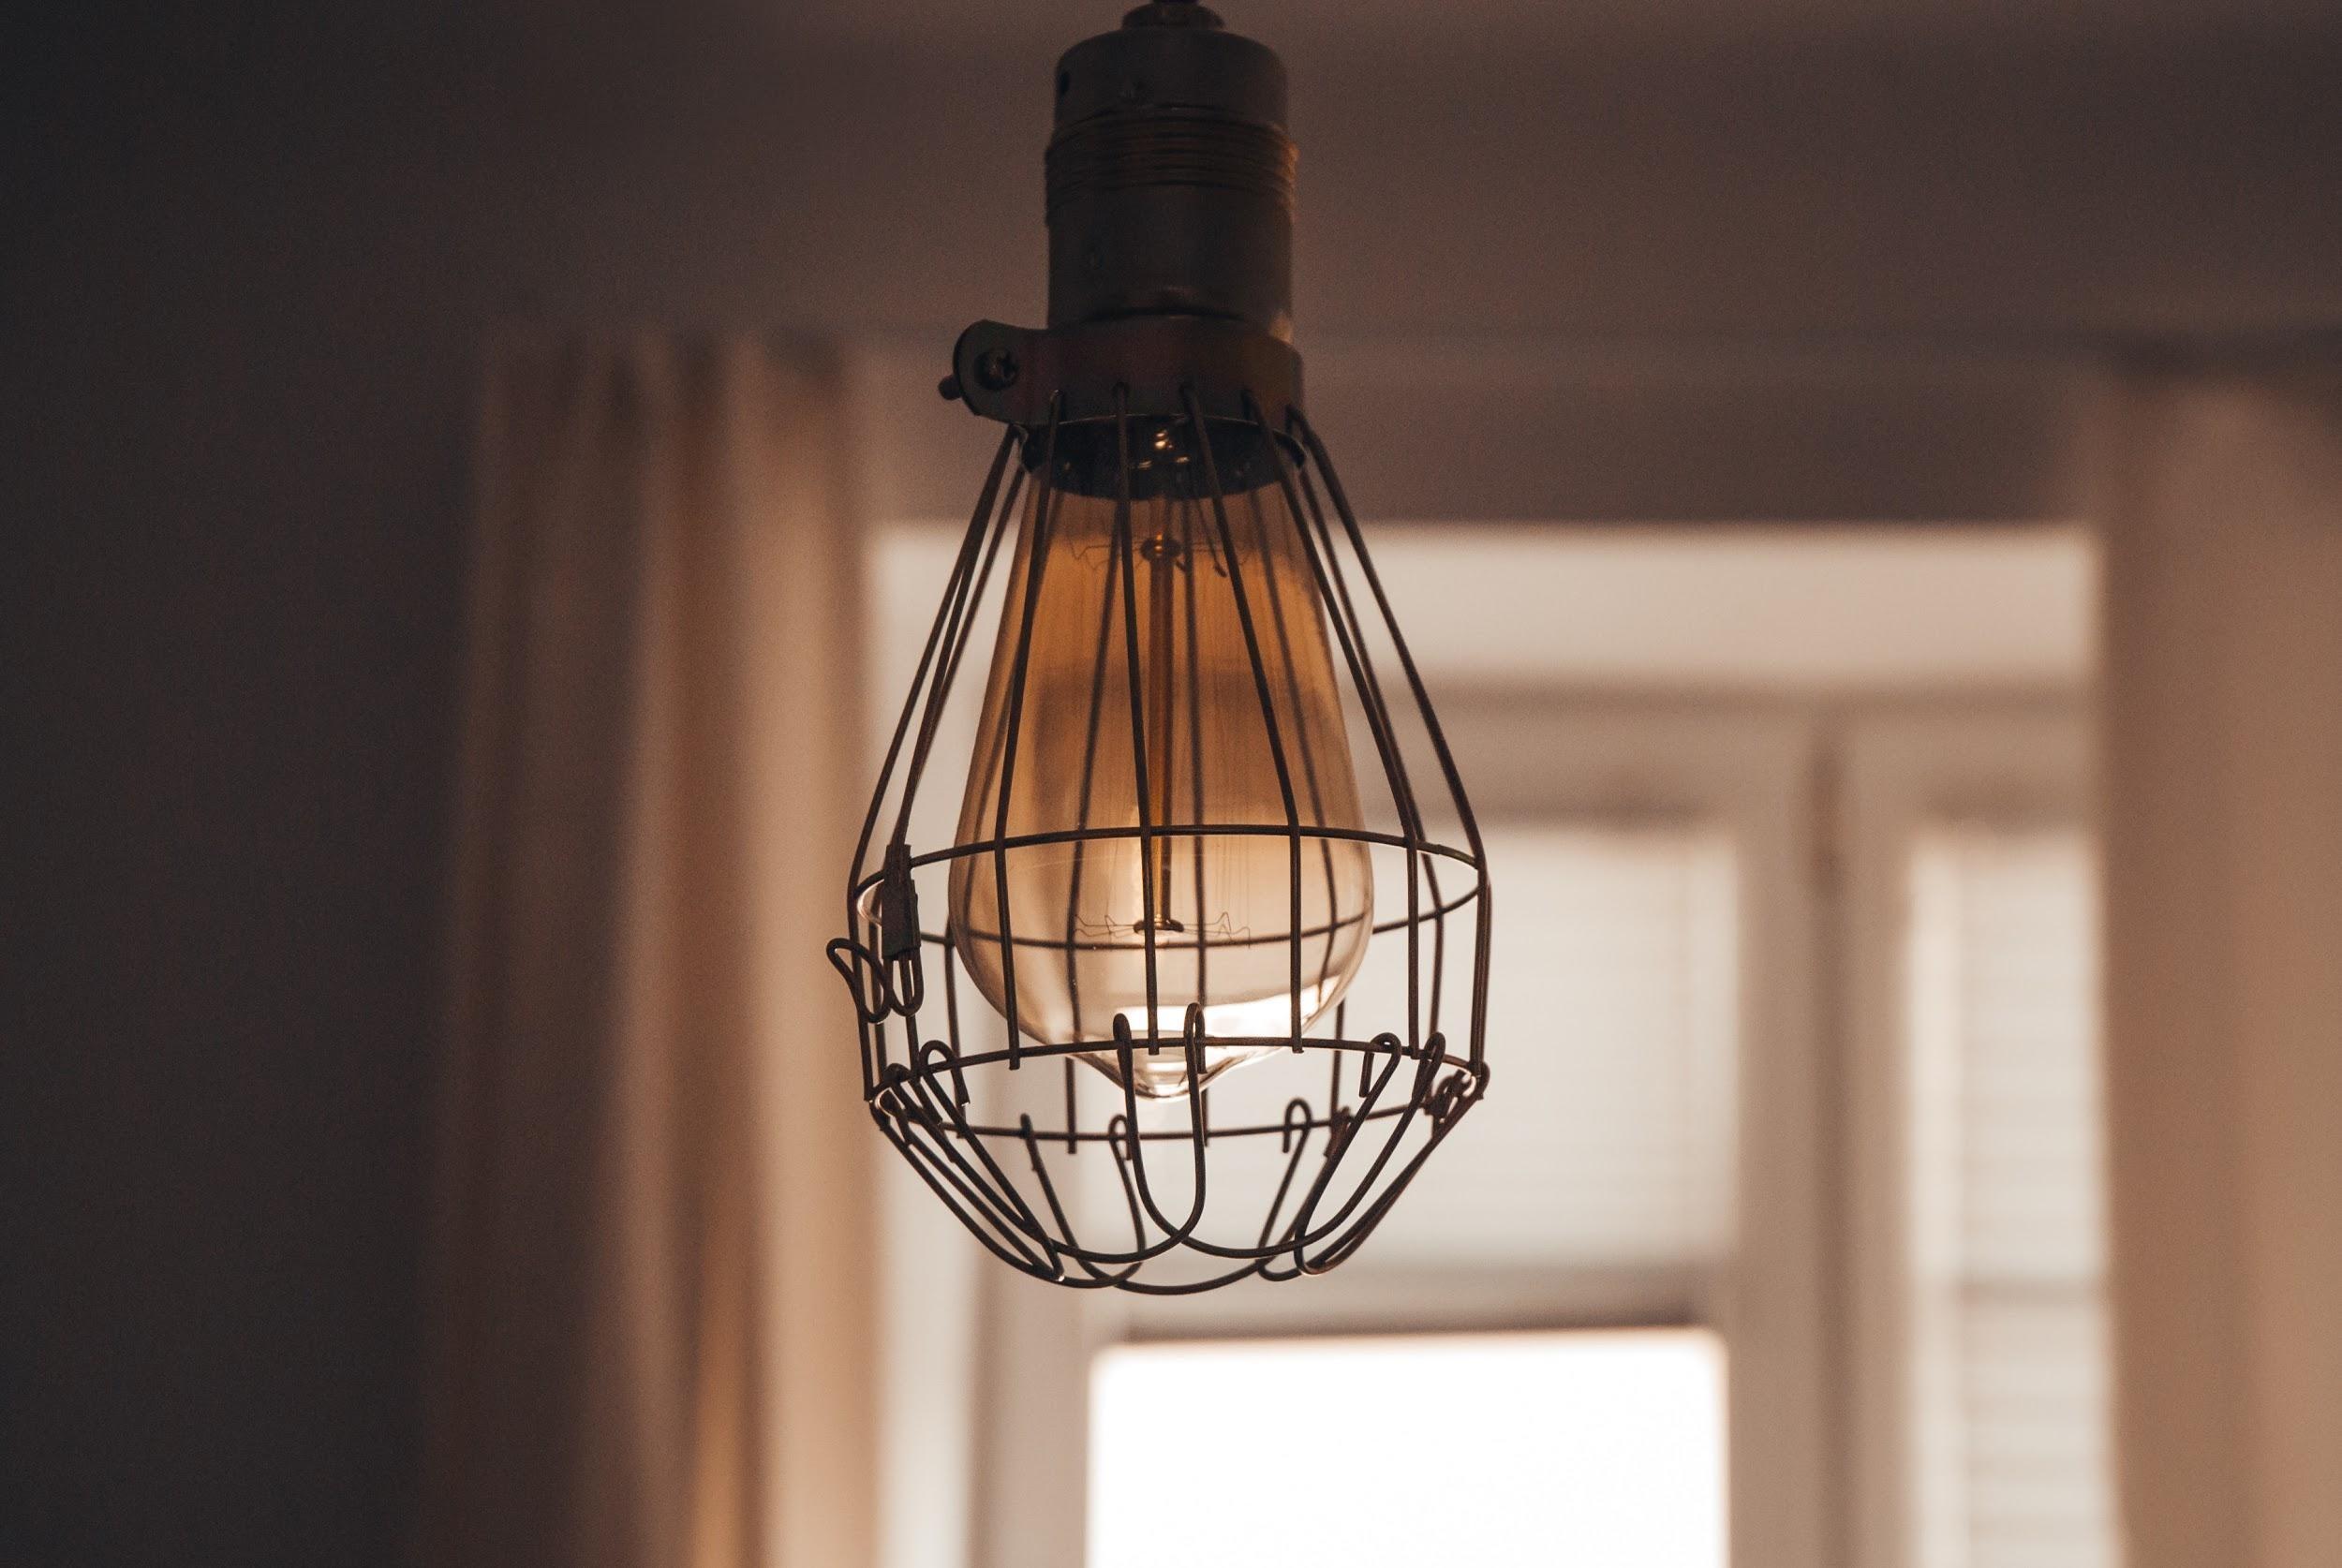 Una idea: jugar con la altura de las lámparas